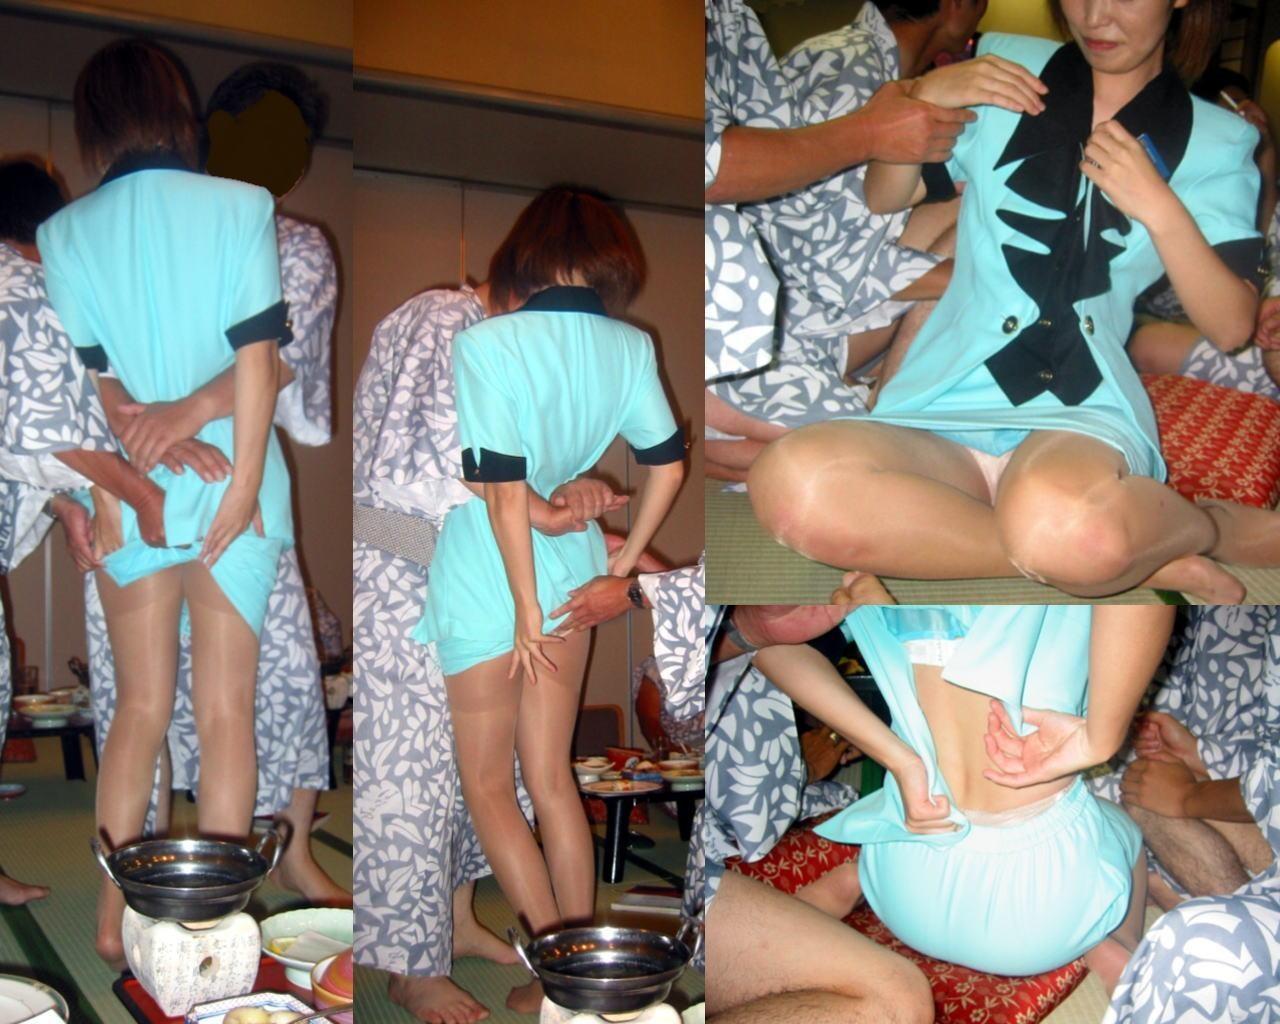 【素人エロ画像】オサーン悪ノリしすぎwピンクコンパニオンを呼んで爛れまくった宴会の実態www 10